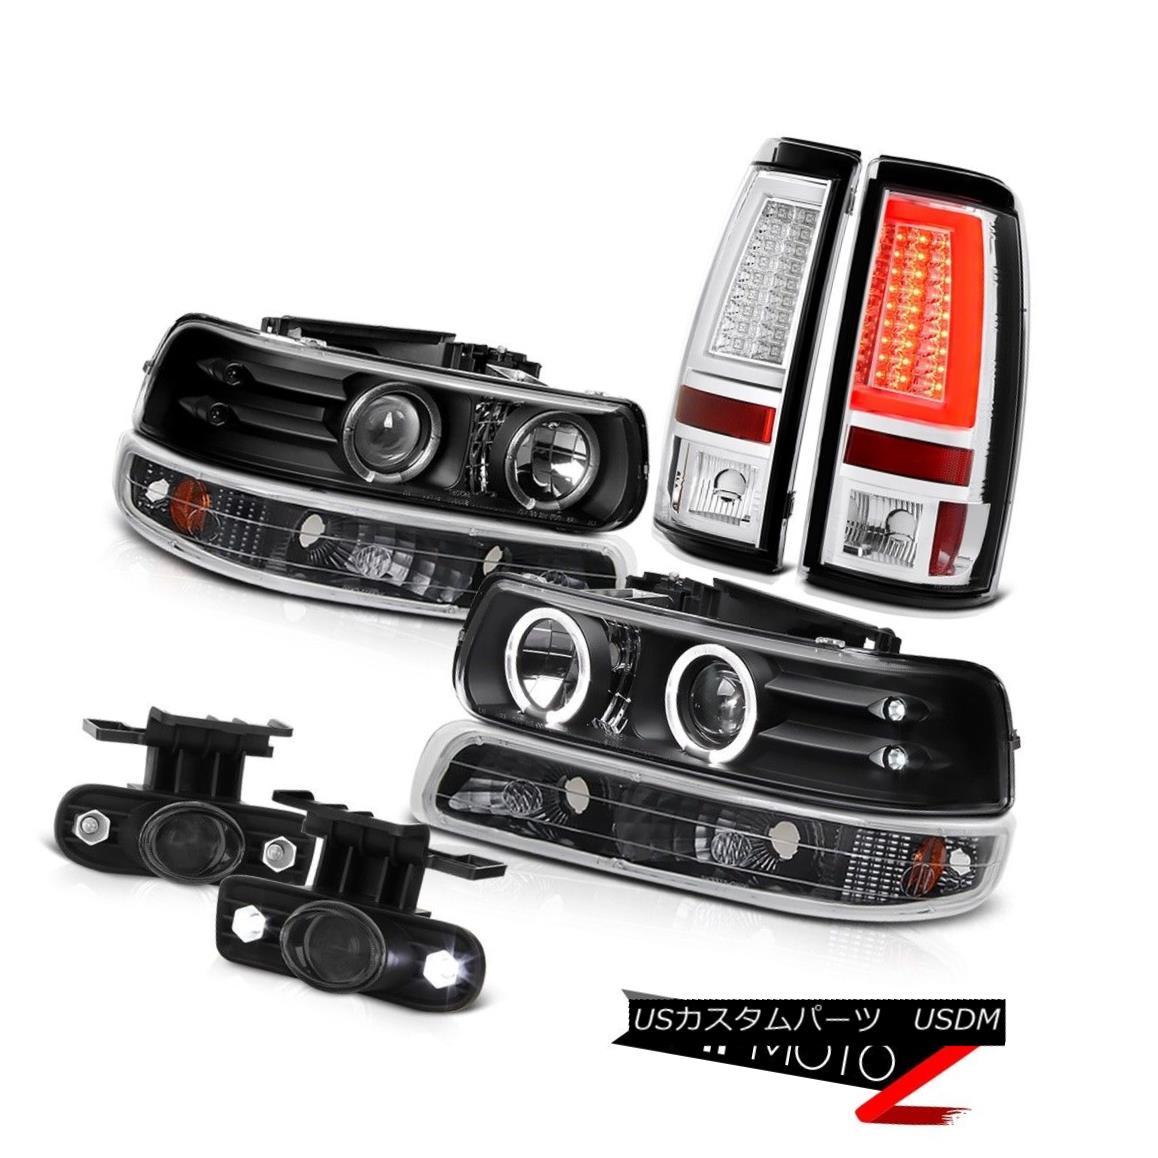 テールライト 99-02 Silverado 6.0L Tail Lamps Fog Parking Light Headlamps Angel Eyes Halo Ring 99-02 Silverado 6.0Lテールランプ霧駐車ライトヘッドランプAngel Eyes Halo Ring